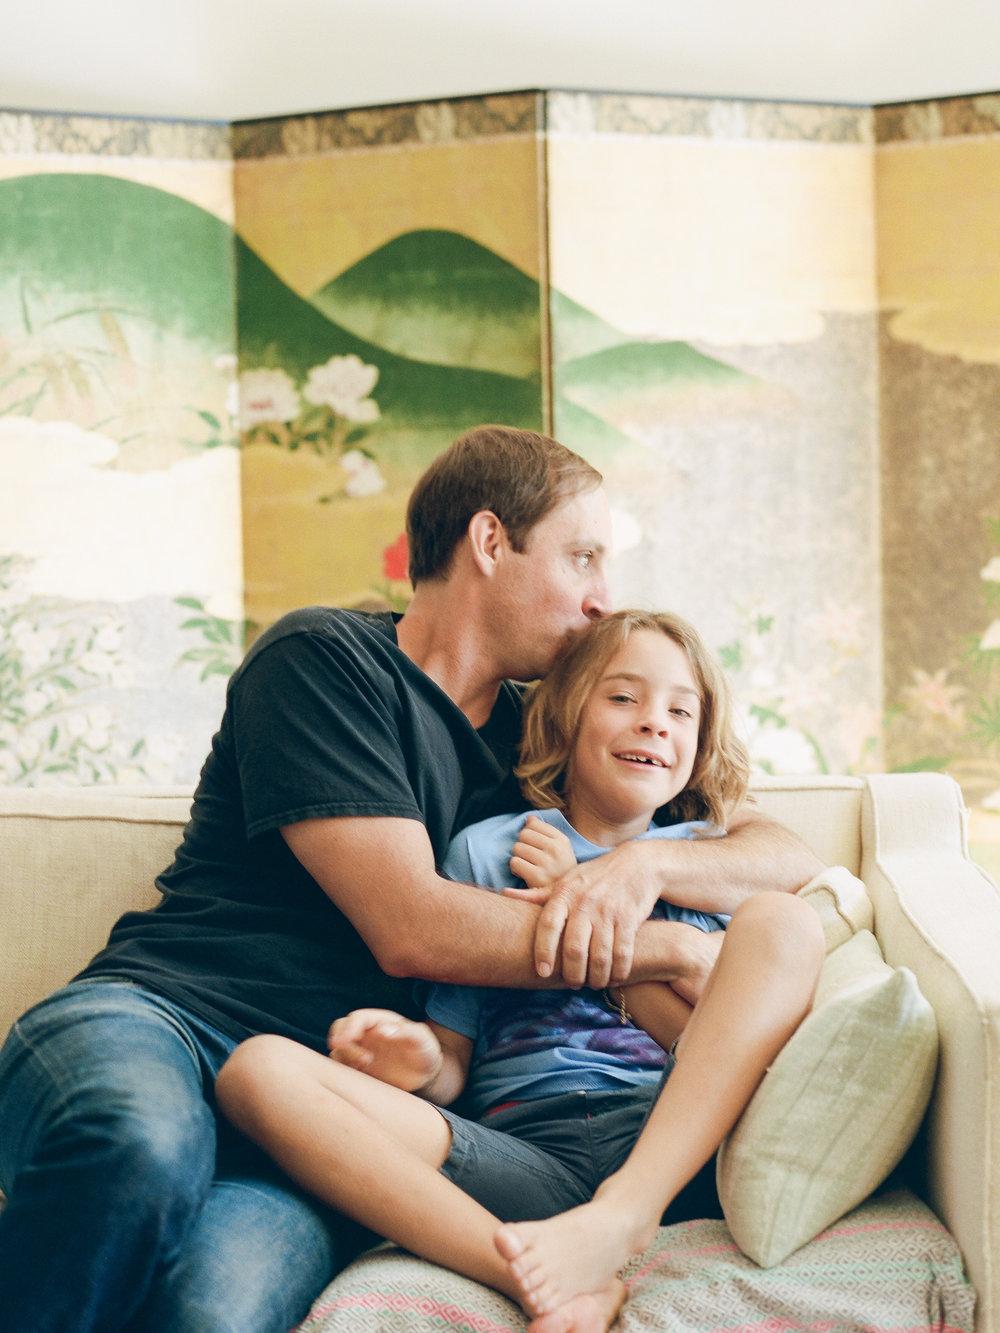 stevensonfamily-24.jpg